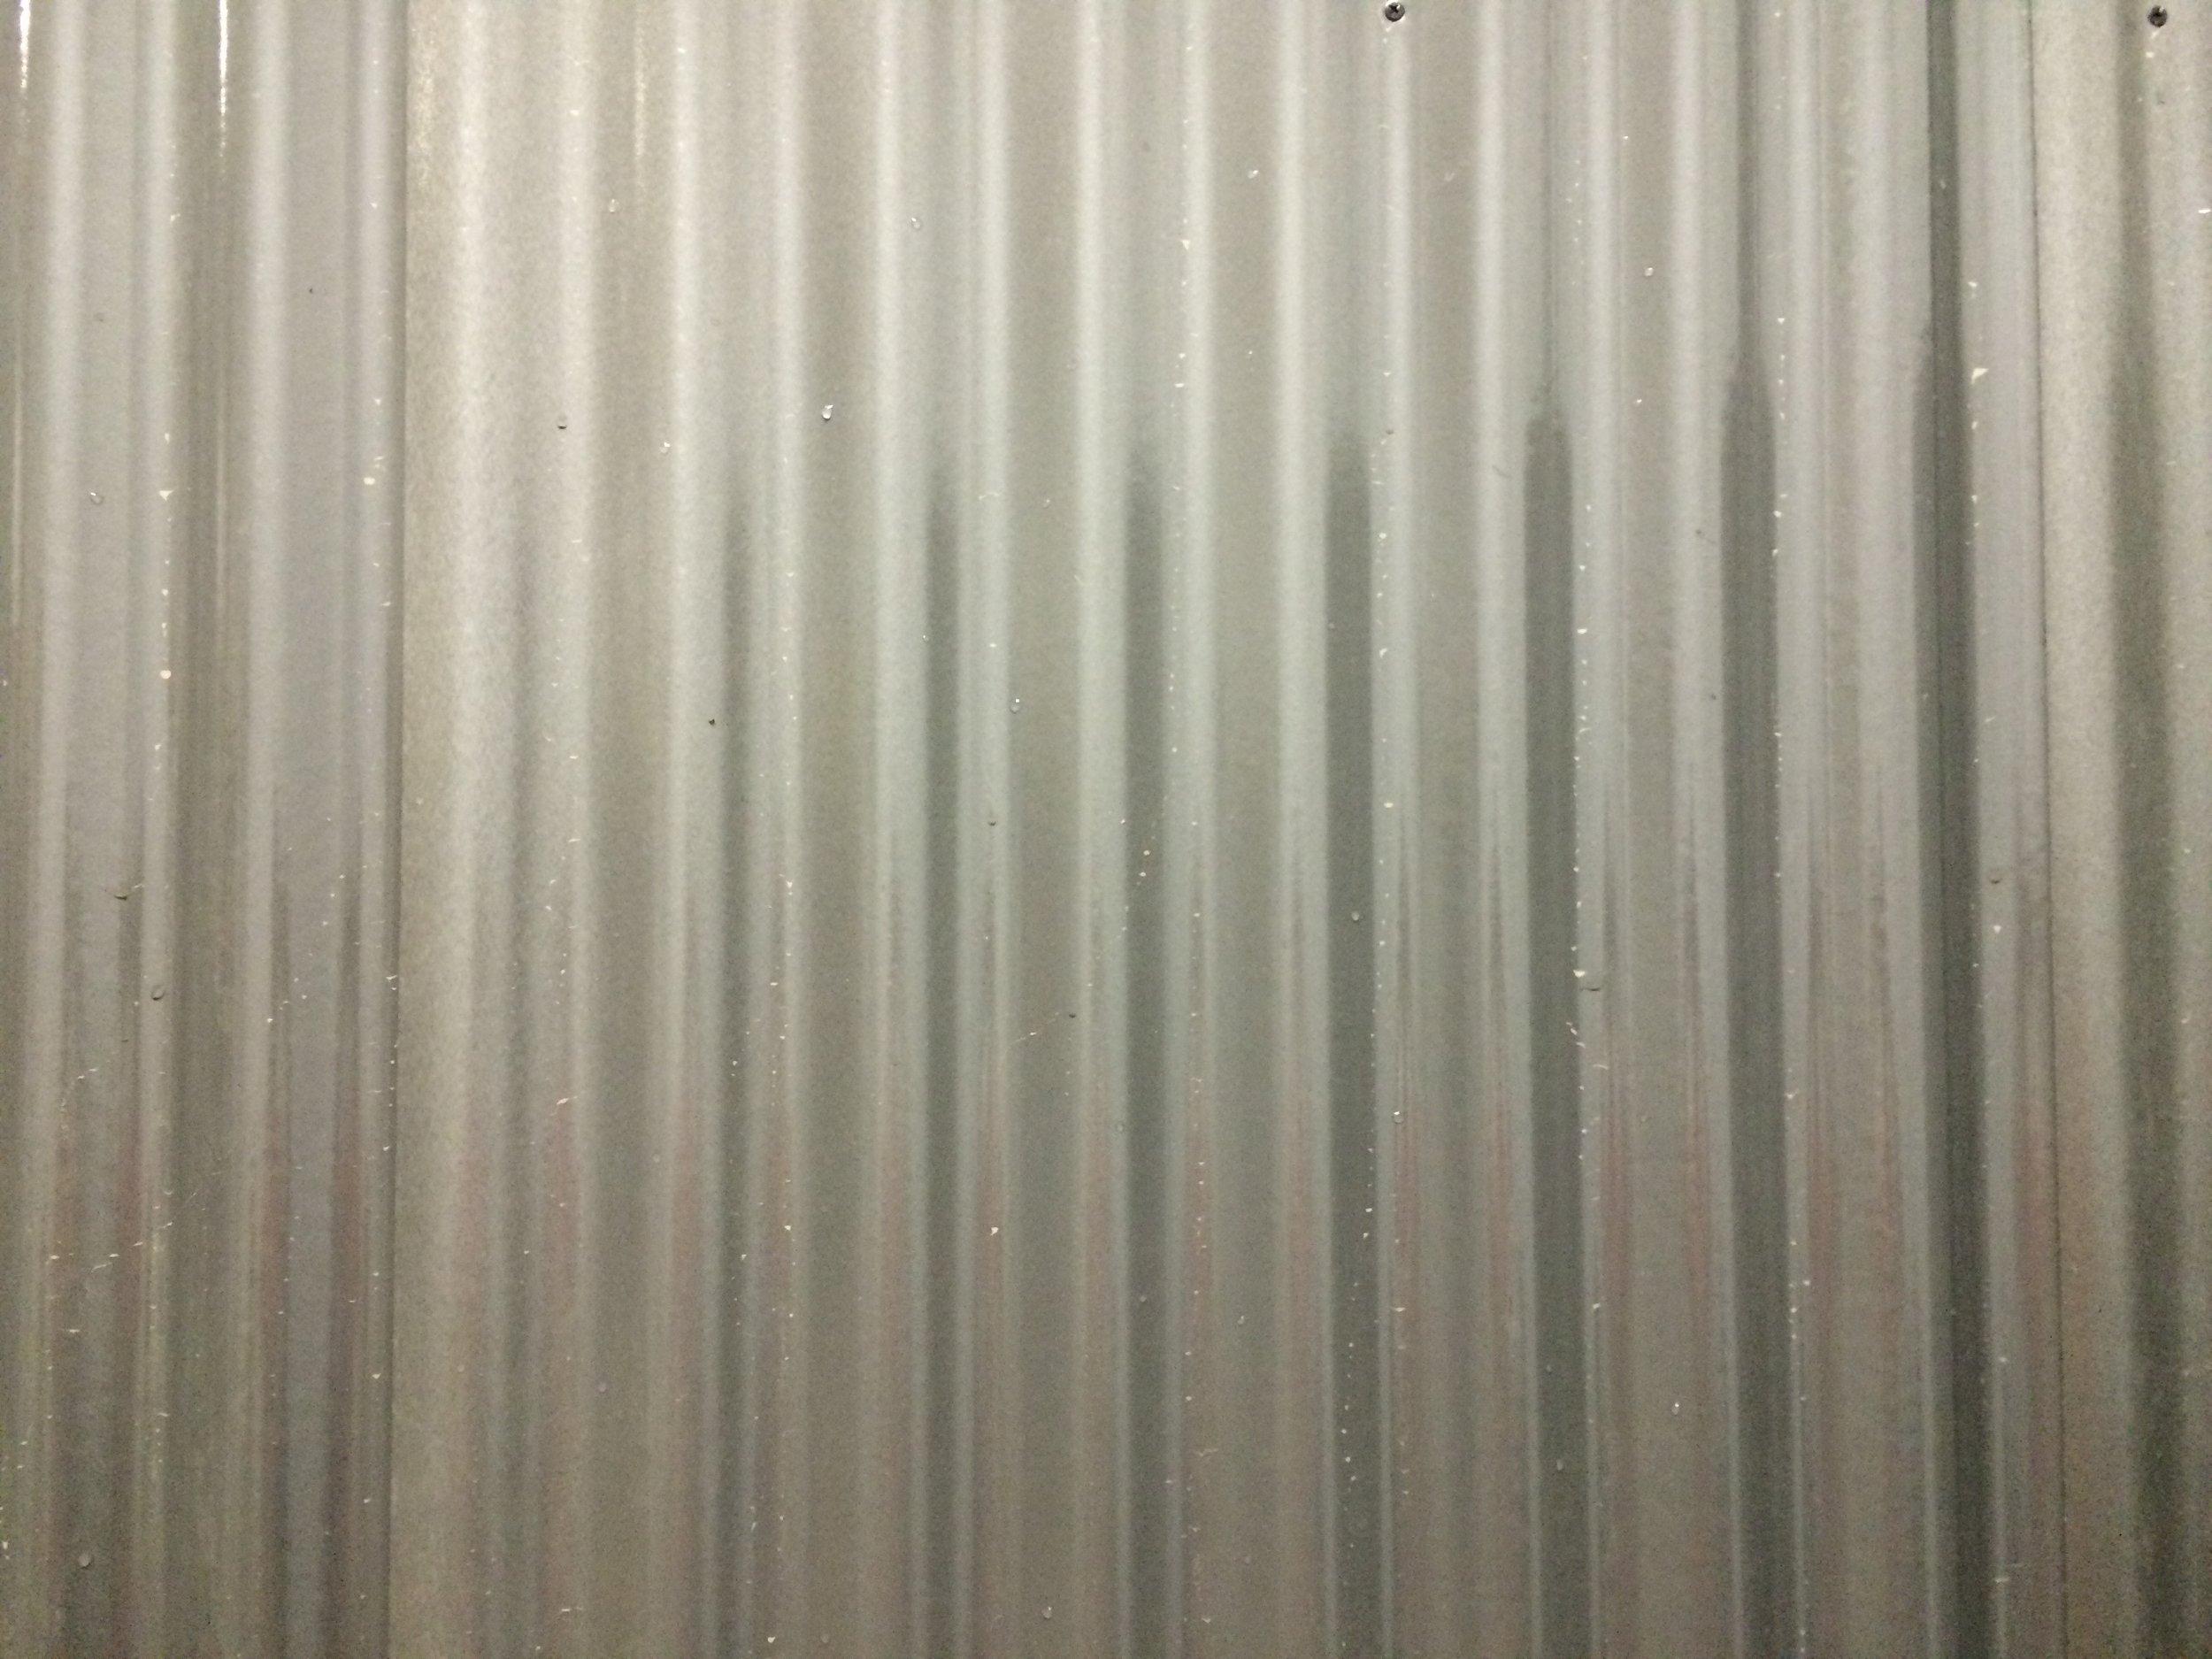 Faux corrugate metal backdrop